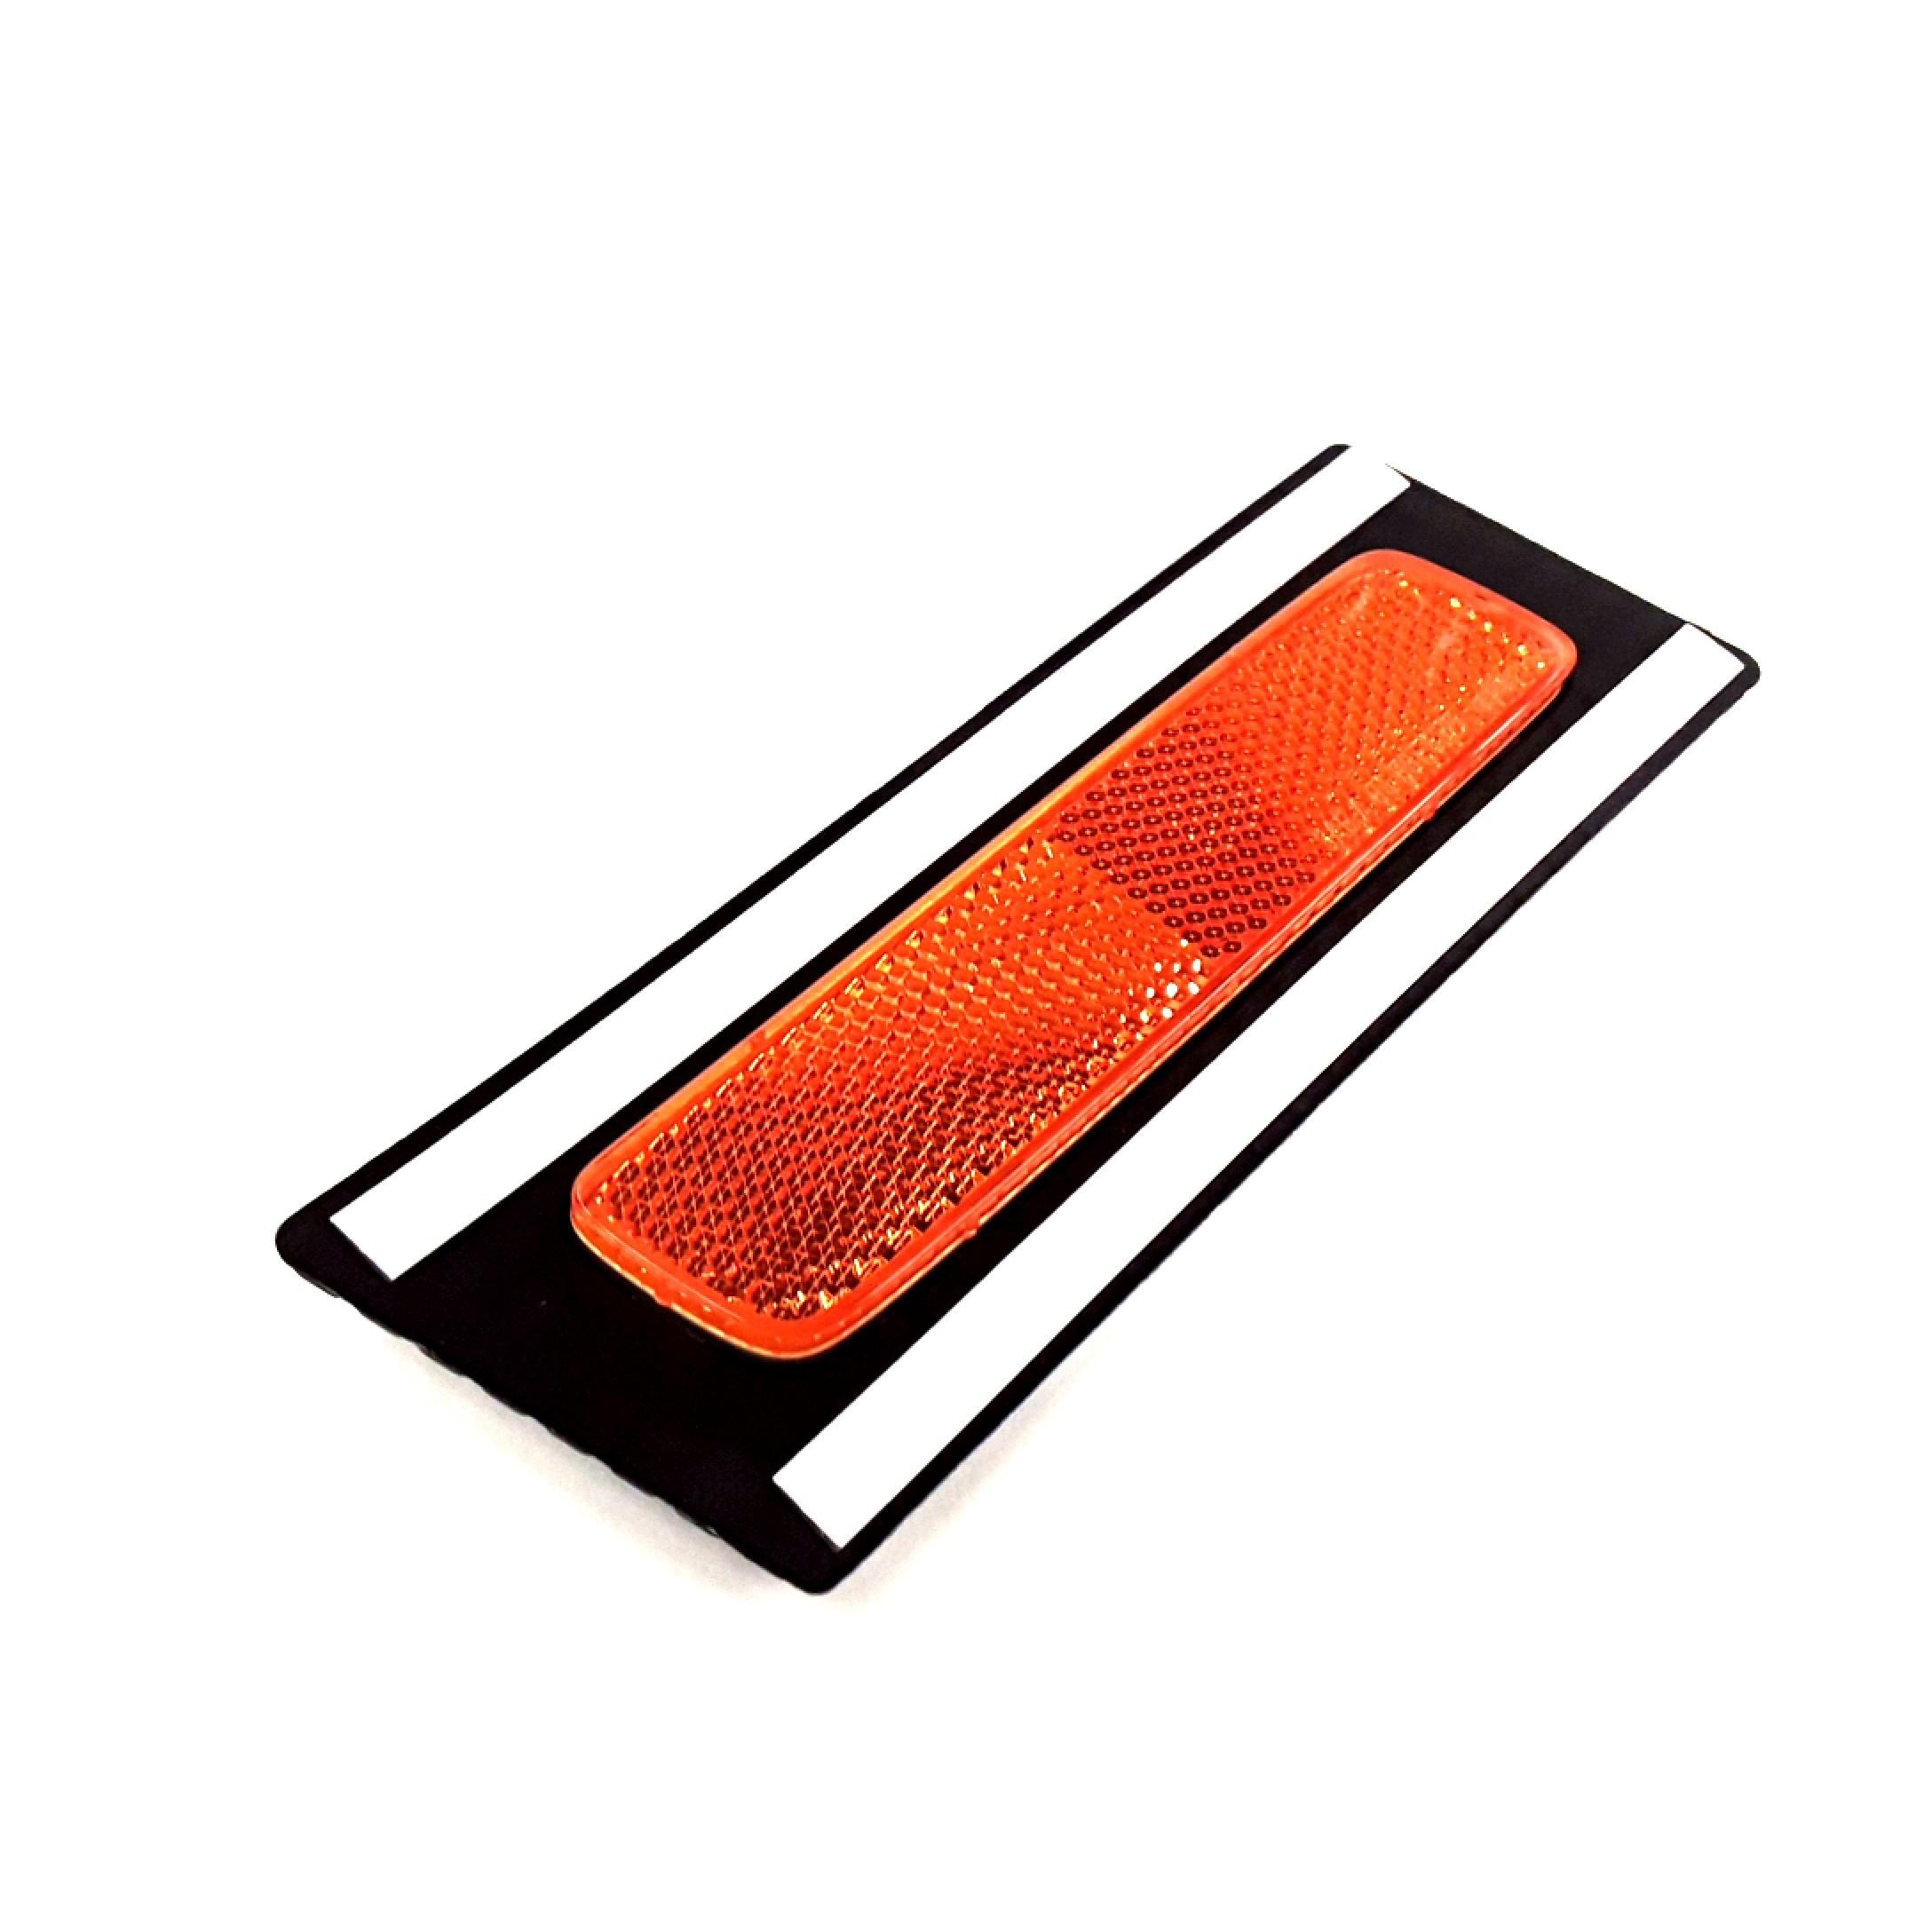 8e0945072b Audi Reflector Light Headlight Bumpers